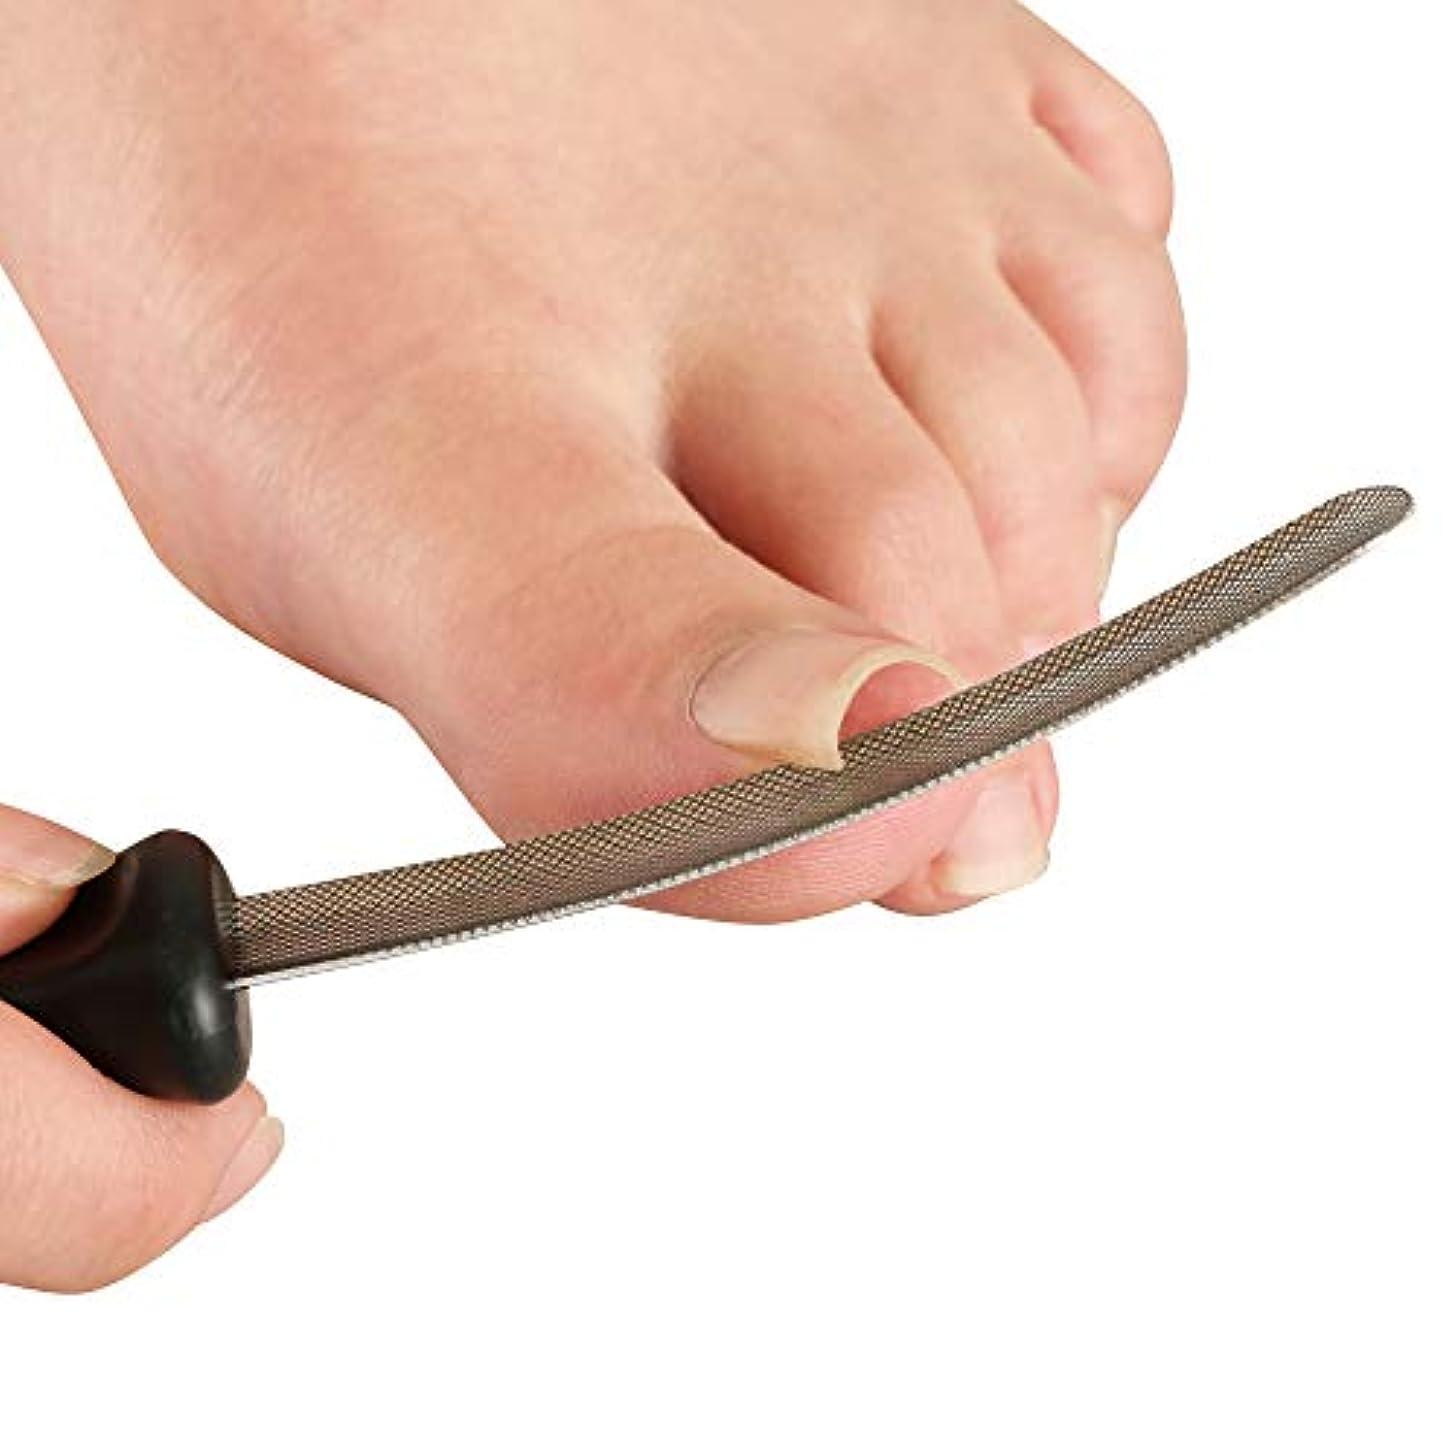 活発考古学的な船形【サイプラス】[プラスウォーク] 巻き爪すき間ヤスリ